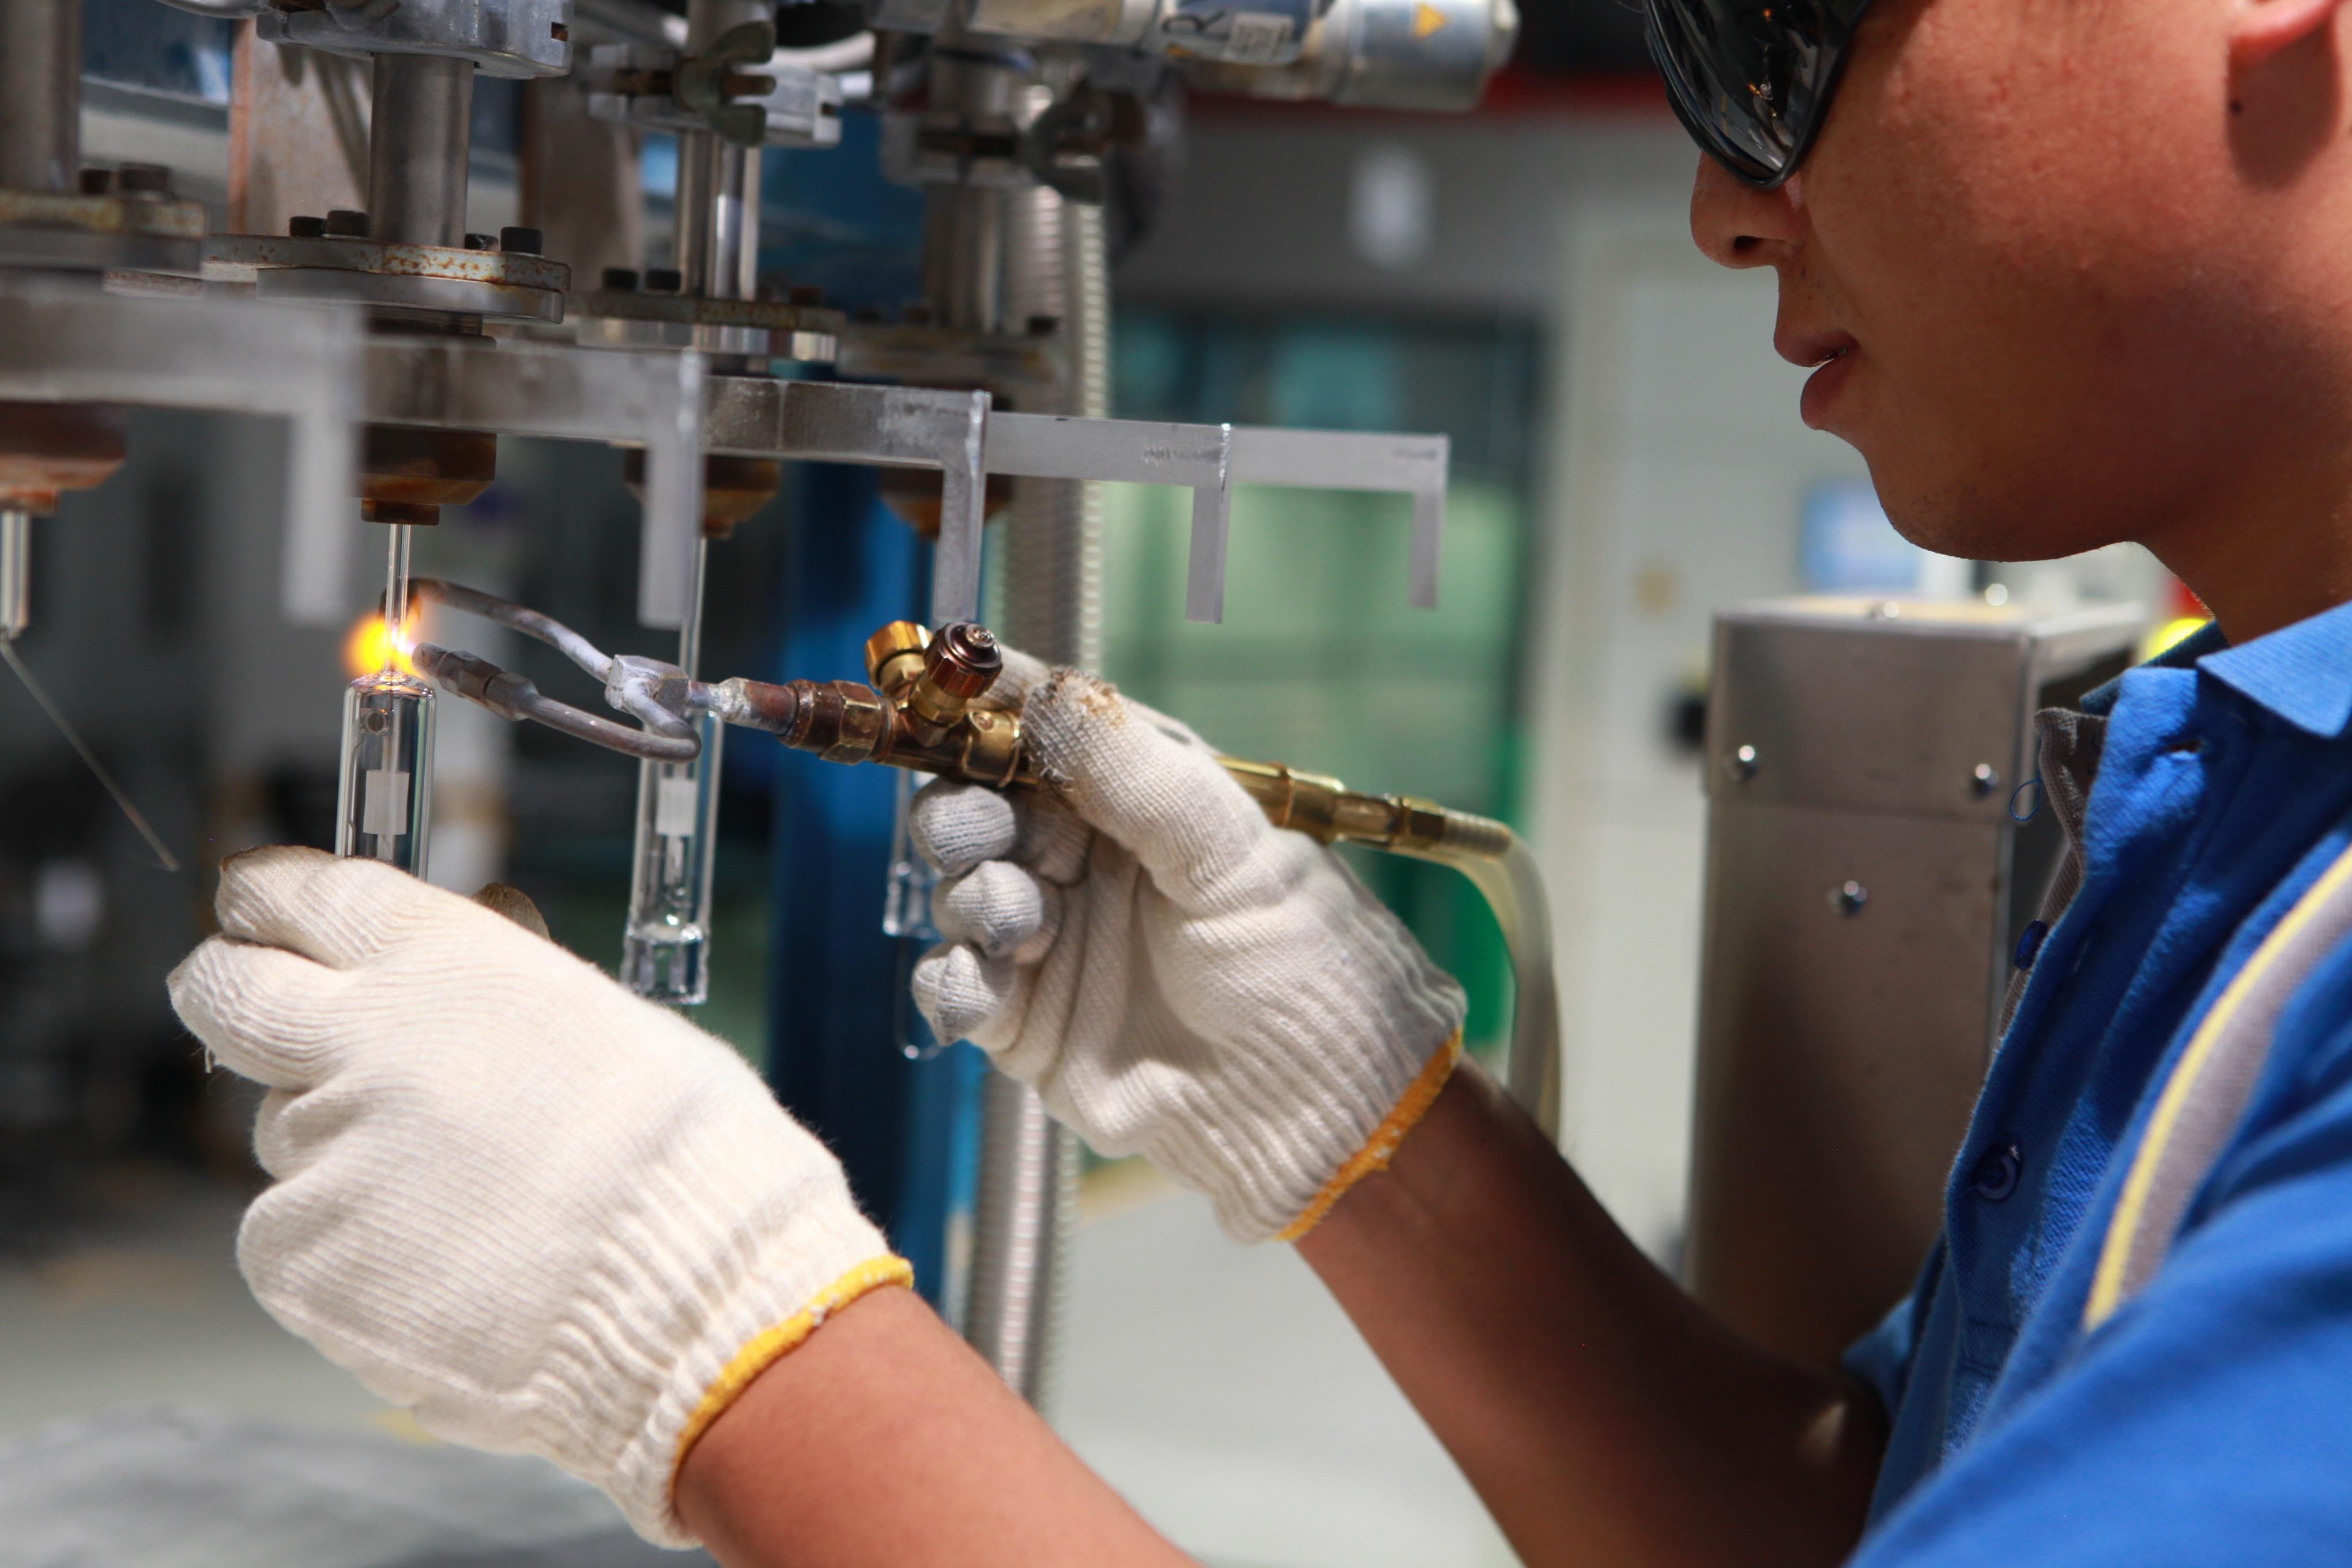 operario trabajando en fábrica